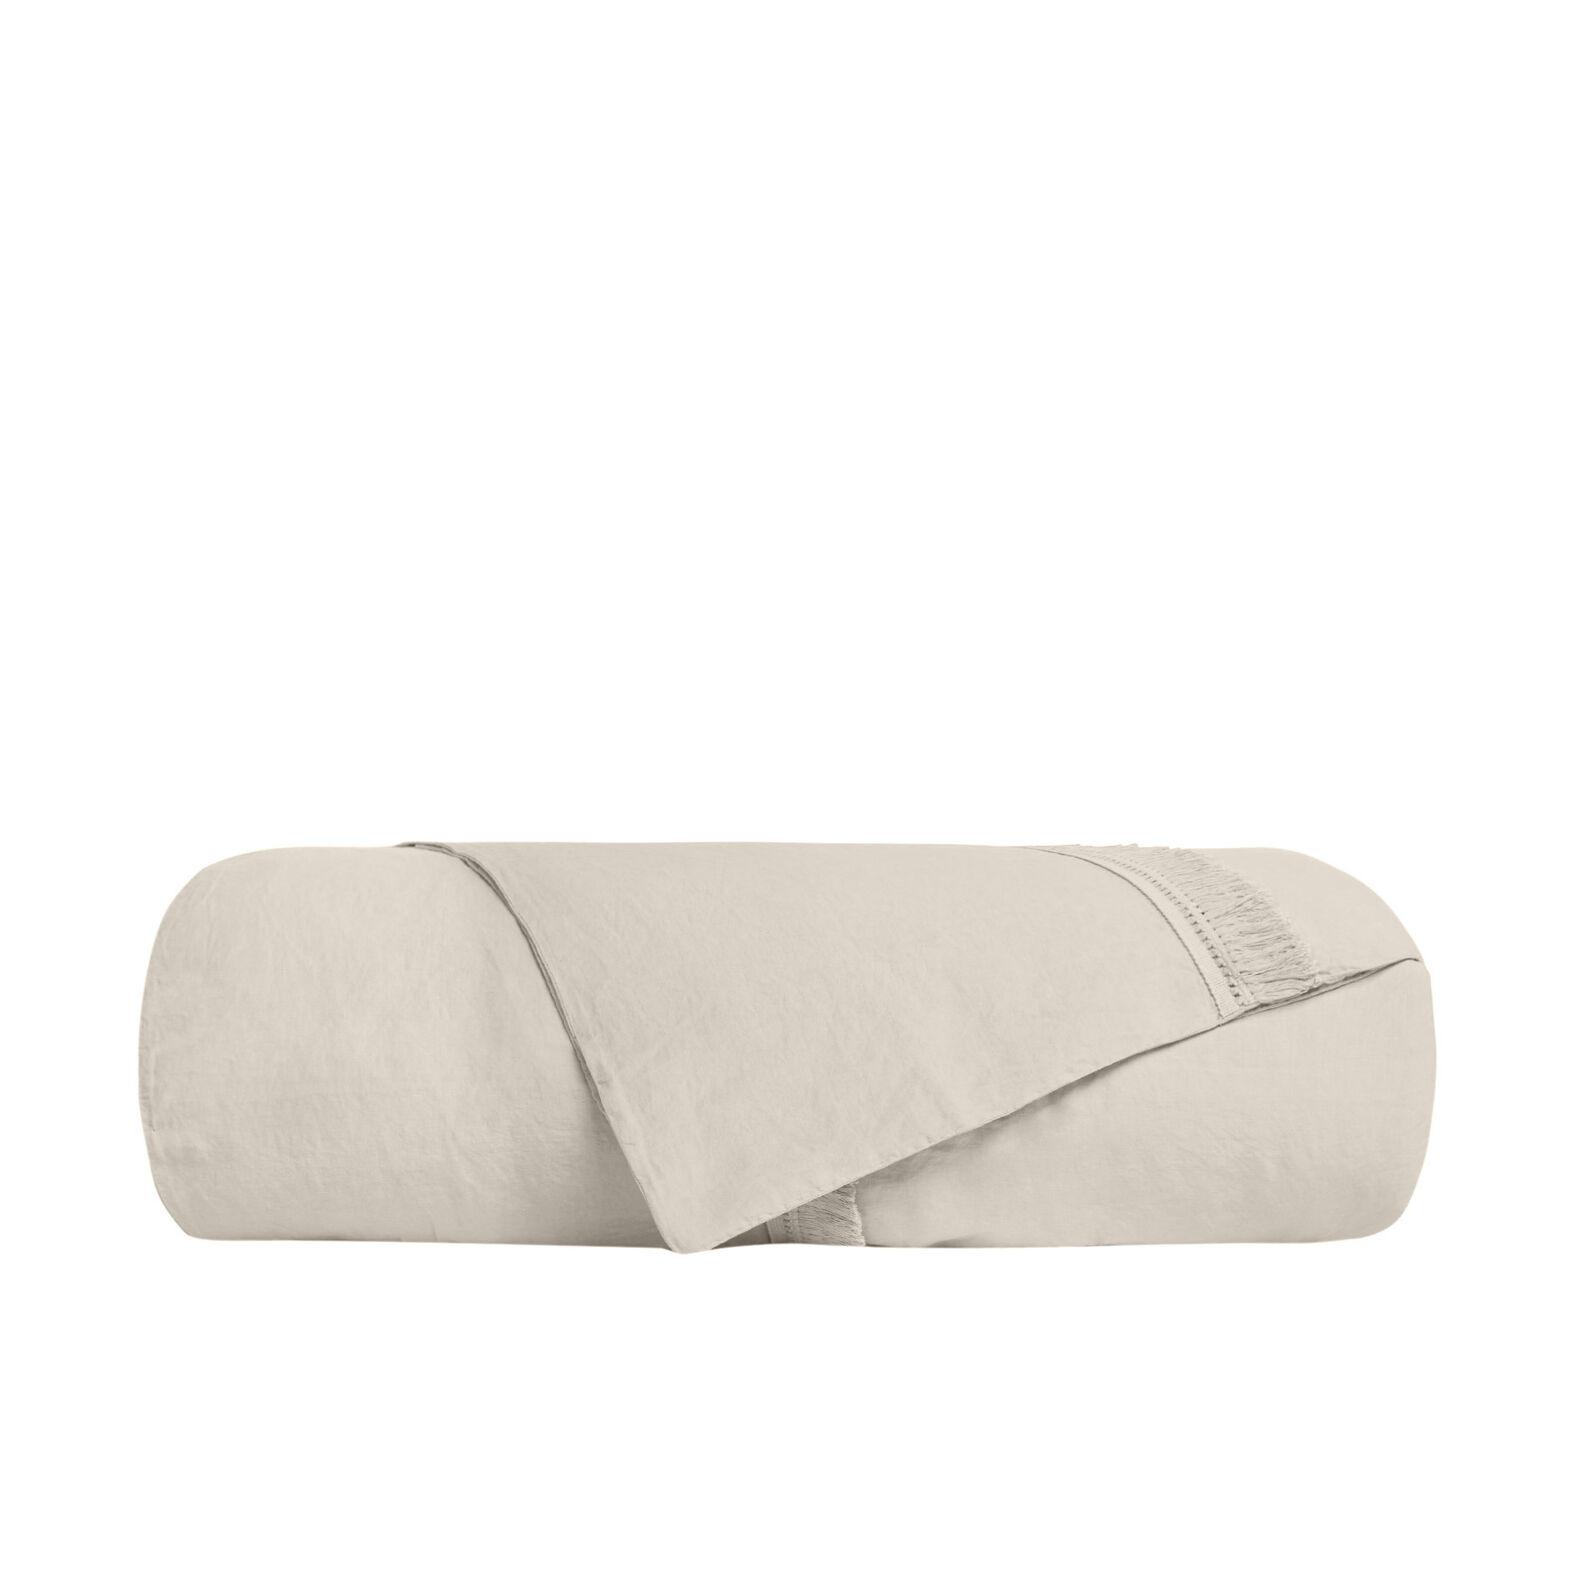 Solid colour cotton and linen blend duvet cover